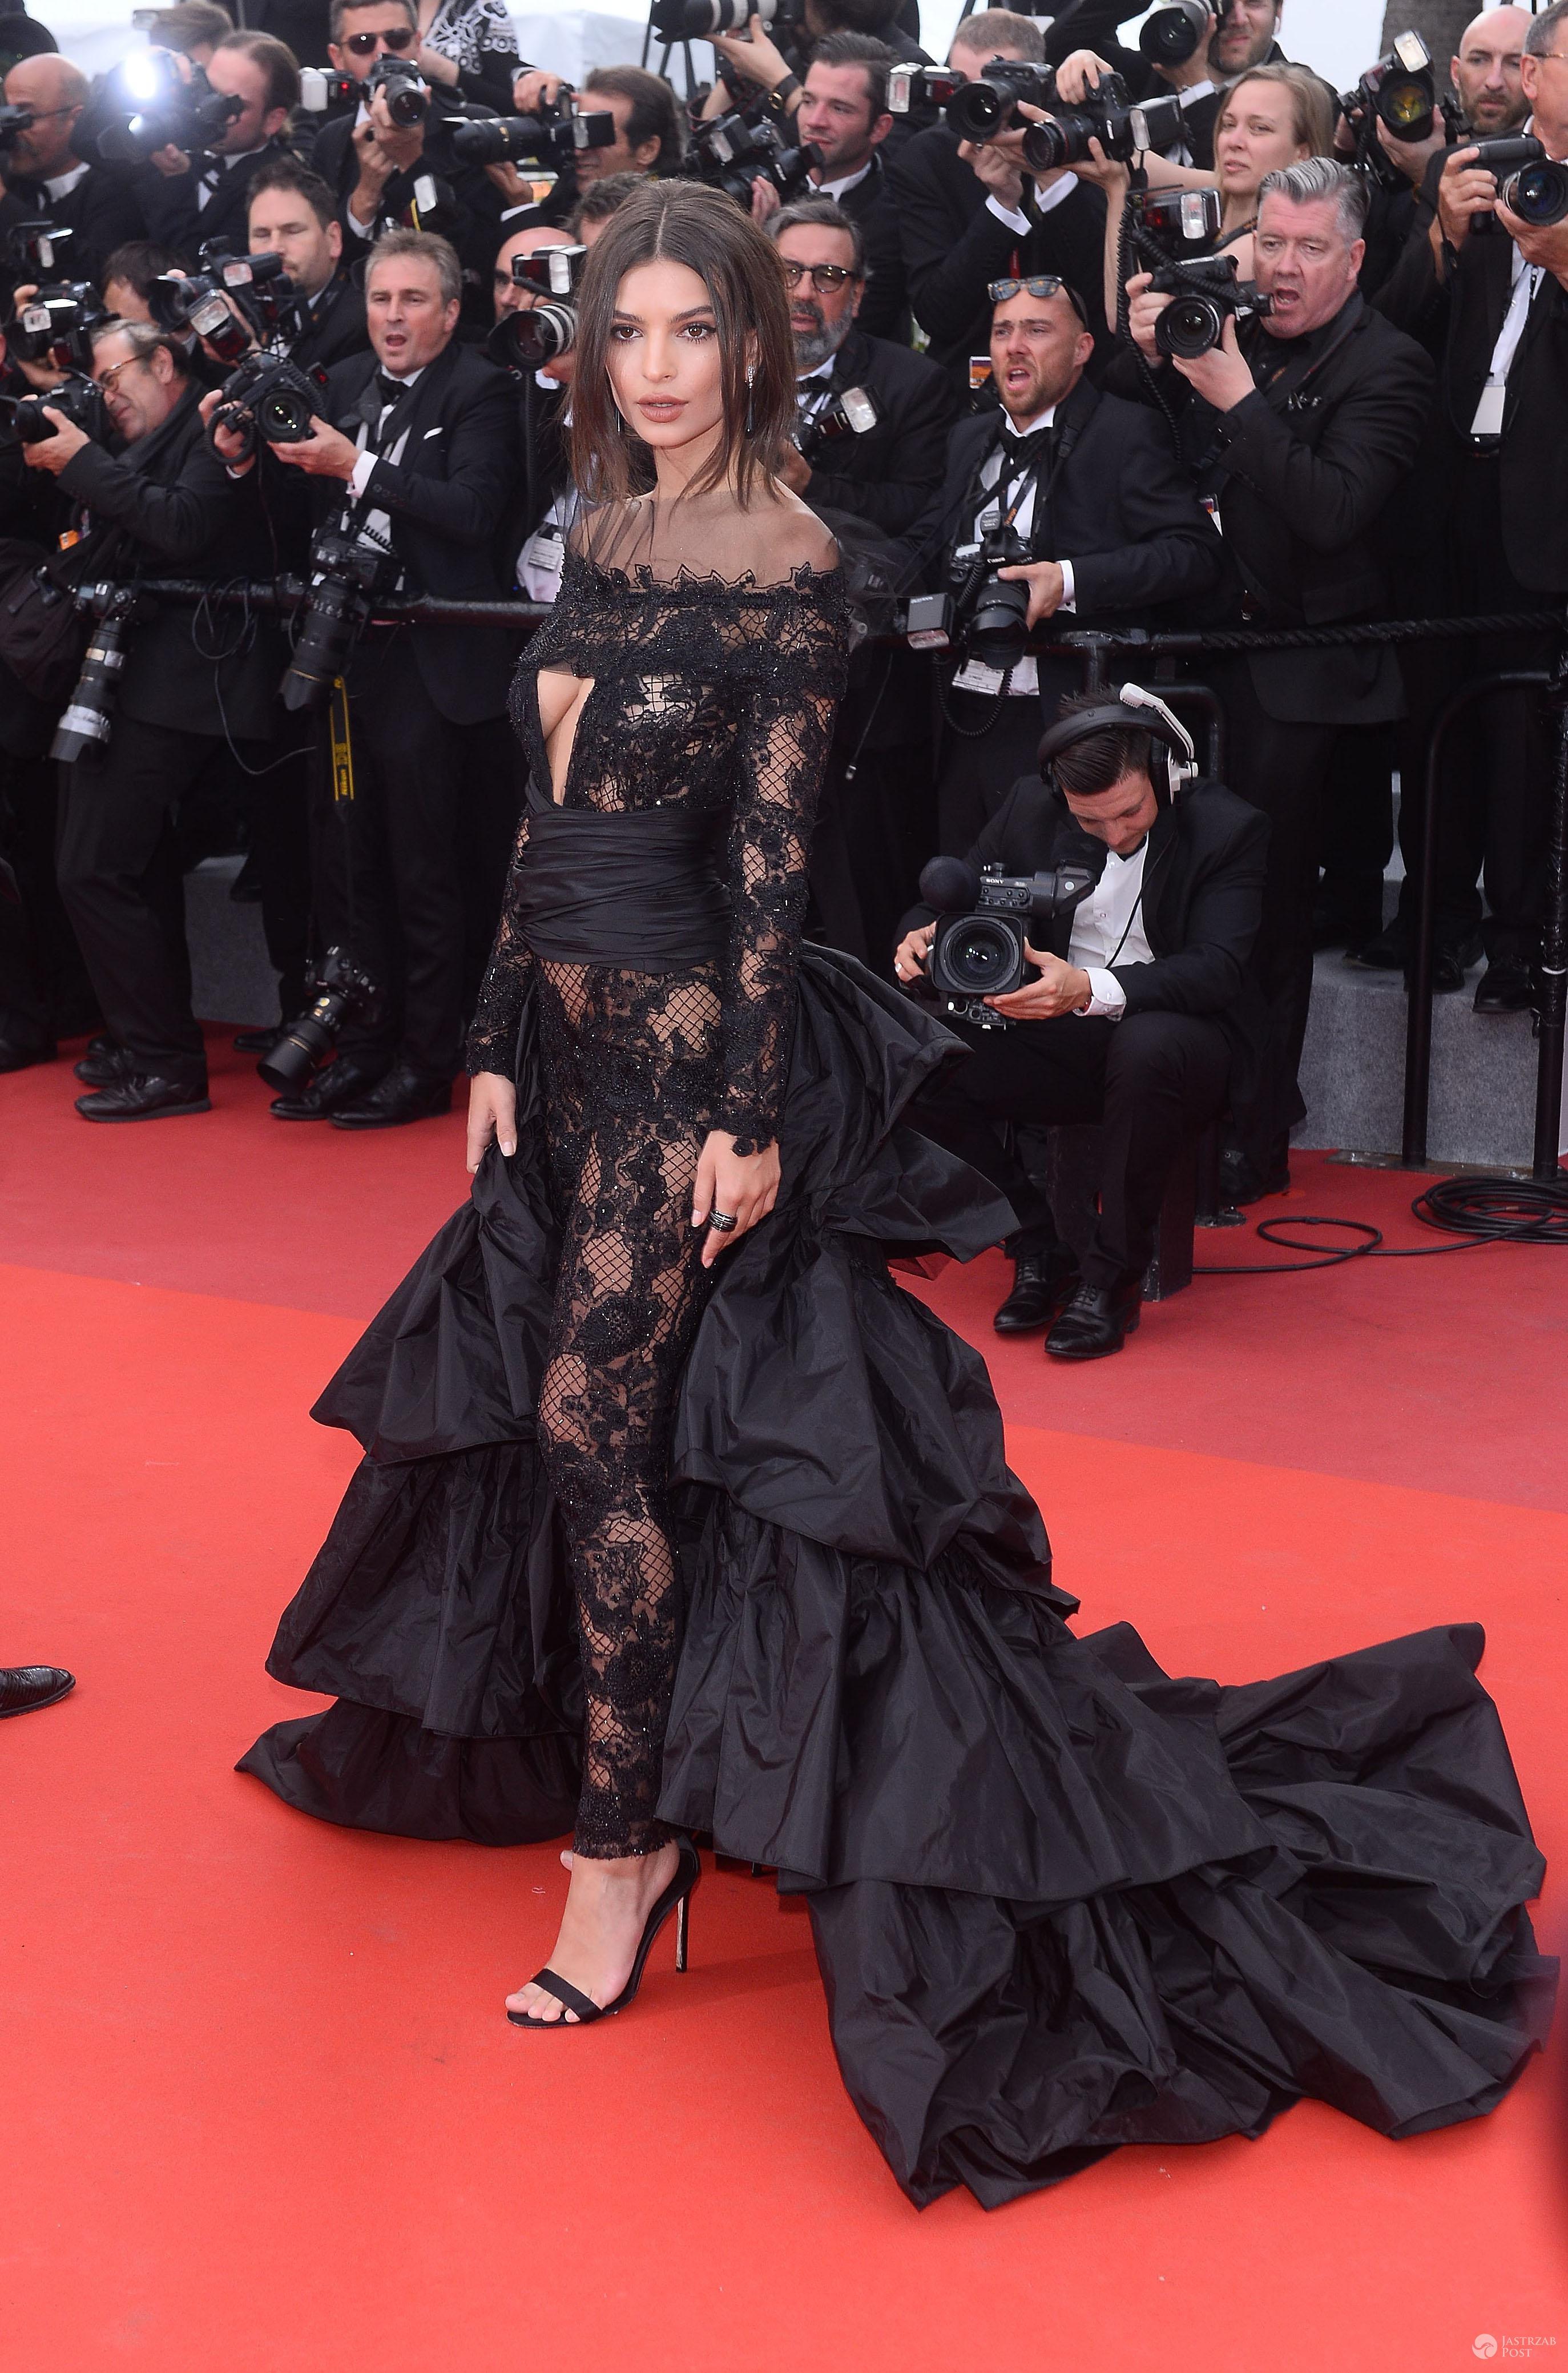 Emily Ratajkowski - Premiera filmu Nelyubov w Cannes 2017